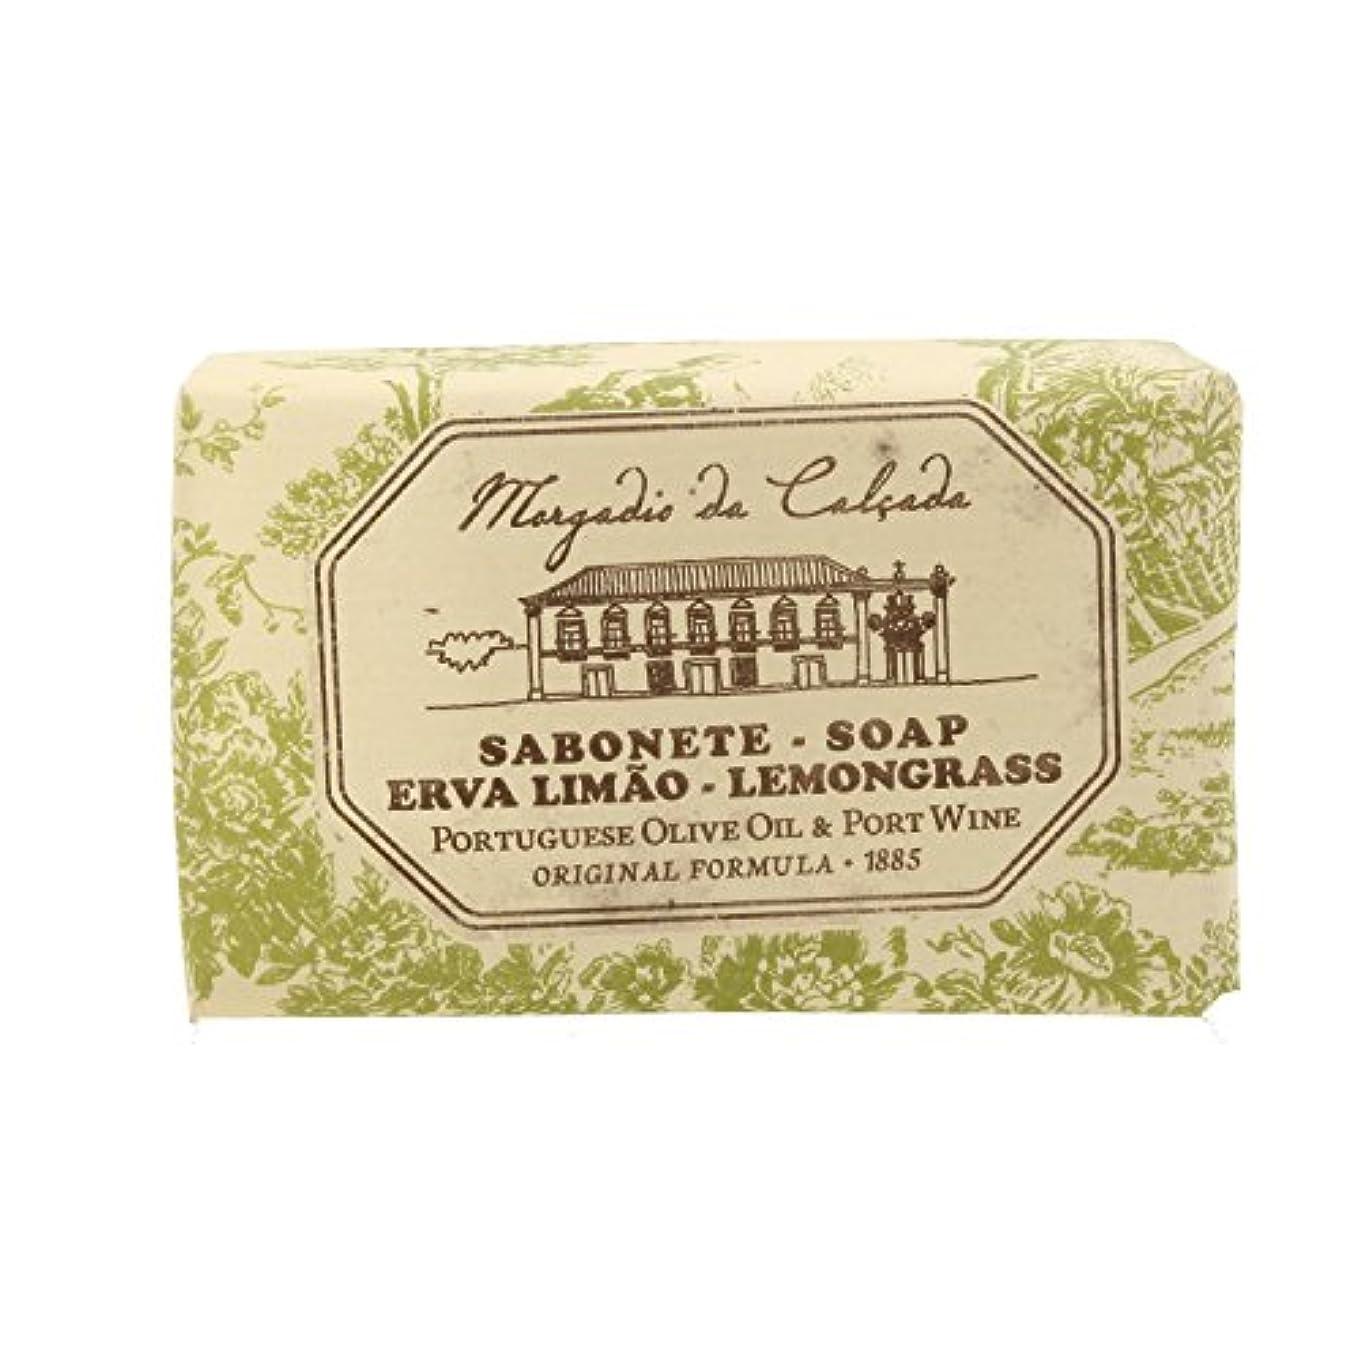 付き添い人テーブルちょっと待ってモルガディオ ダ カルサダ ソープ レモングラス 95g